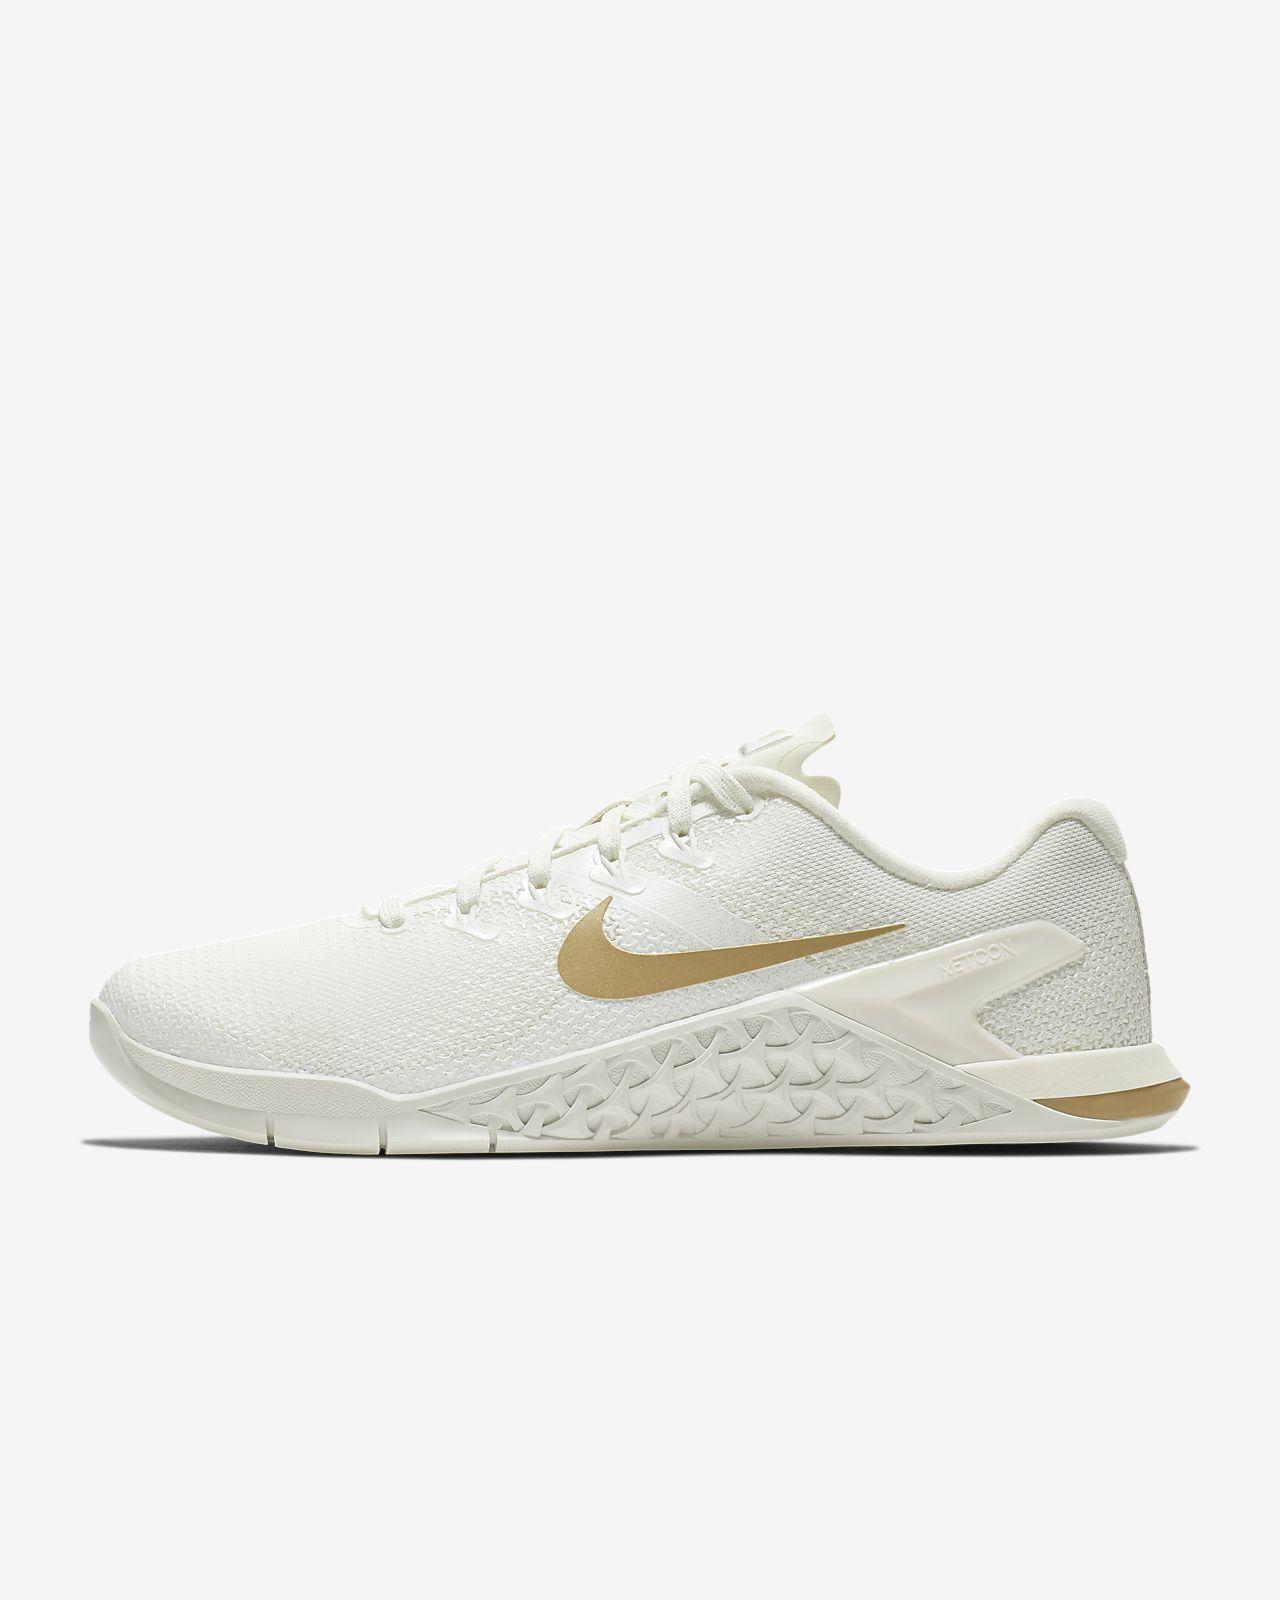 De Nike Renforcement Training Musculaire Et Cross Chaussure vqwgq